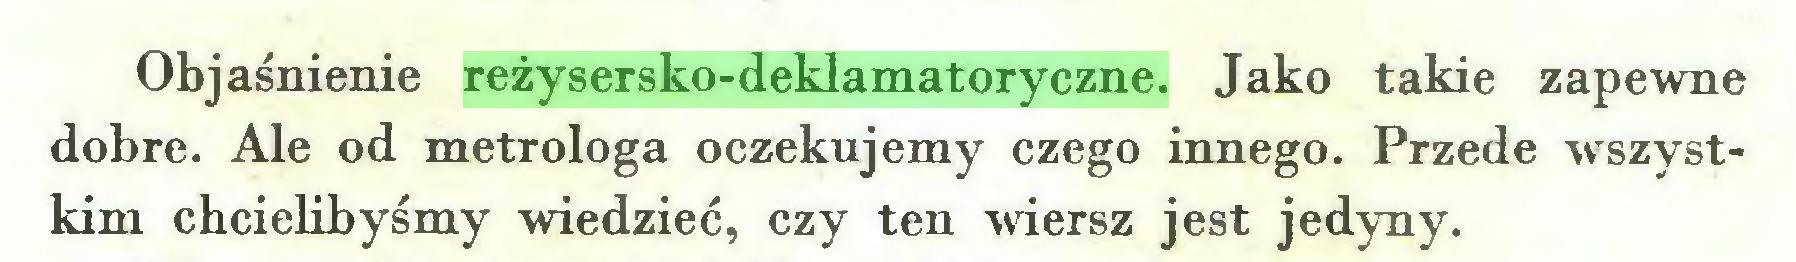 (...) Objaśnienie reżysersko-deklamatoryczne. Jako takie zapewne dobre. Ale od metrologa oczekujemy czego innego. Przede wszystkim chcielibyśmy wiedzieć, czy ten wiersz jest jedyny...